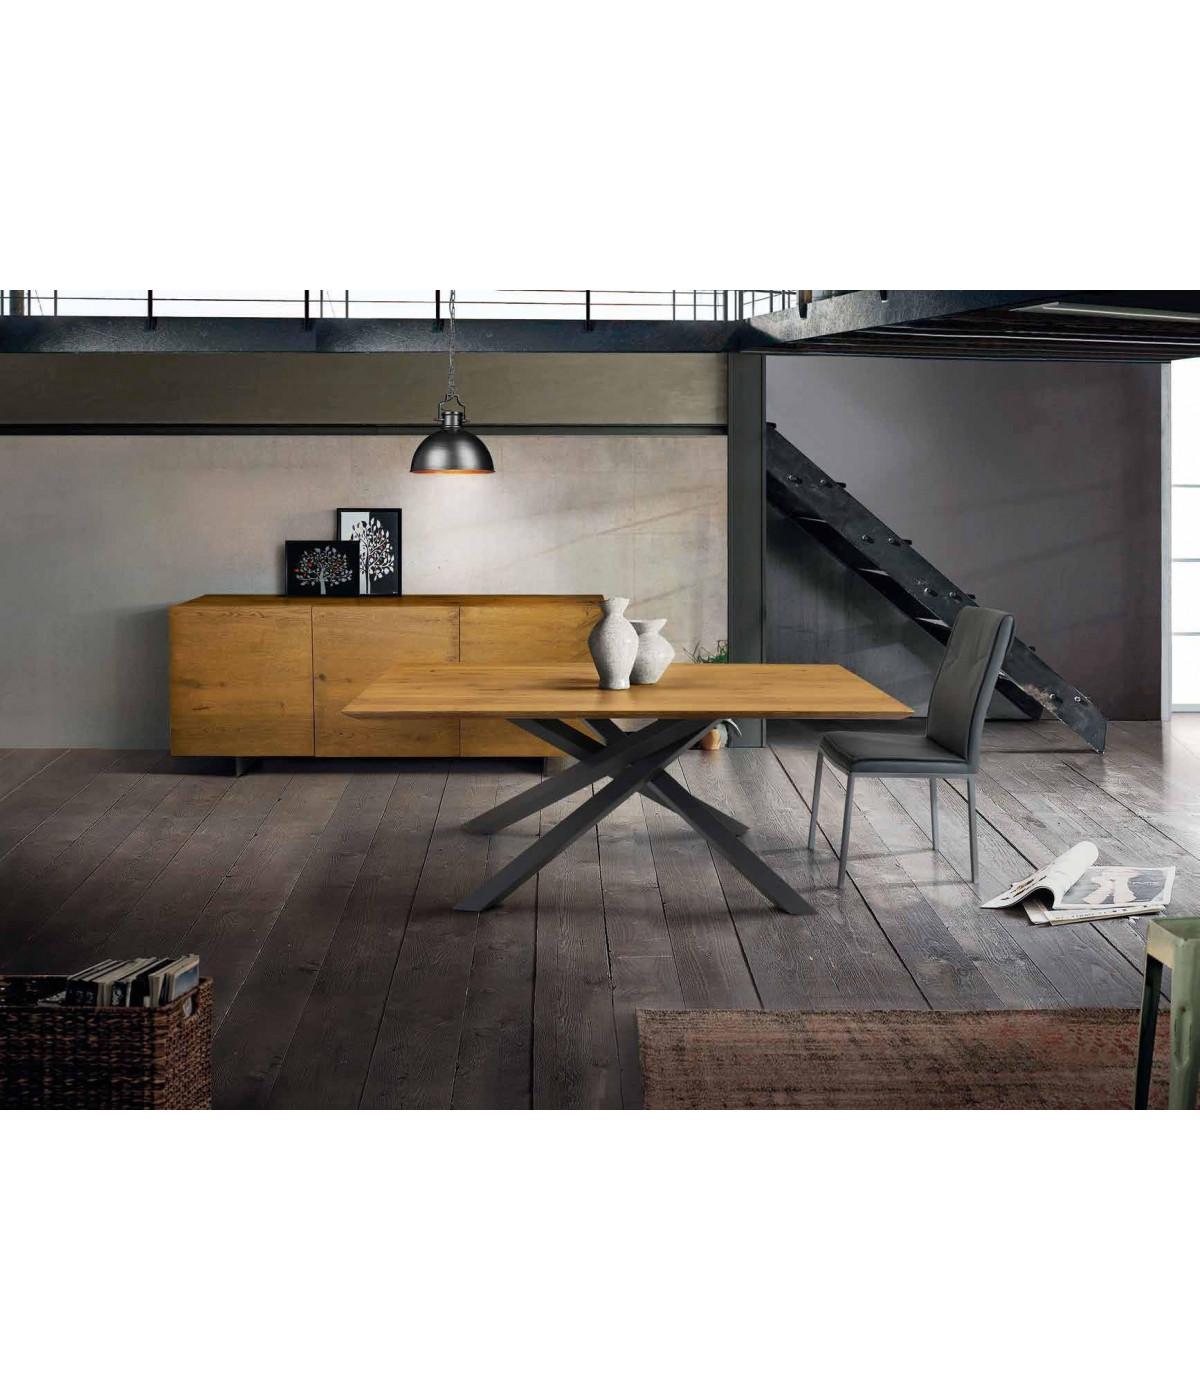 Tavolo Big Table Fisso In Rovere Massello Nodato Spessore 4 Cm Misura L 180 P 90 H 75